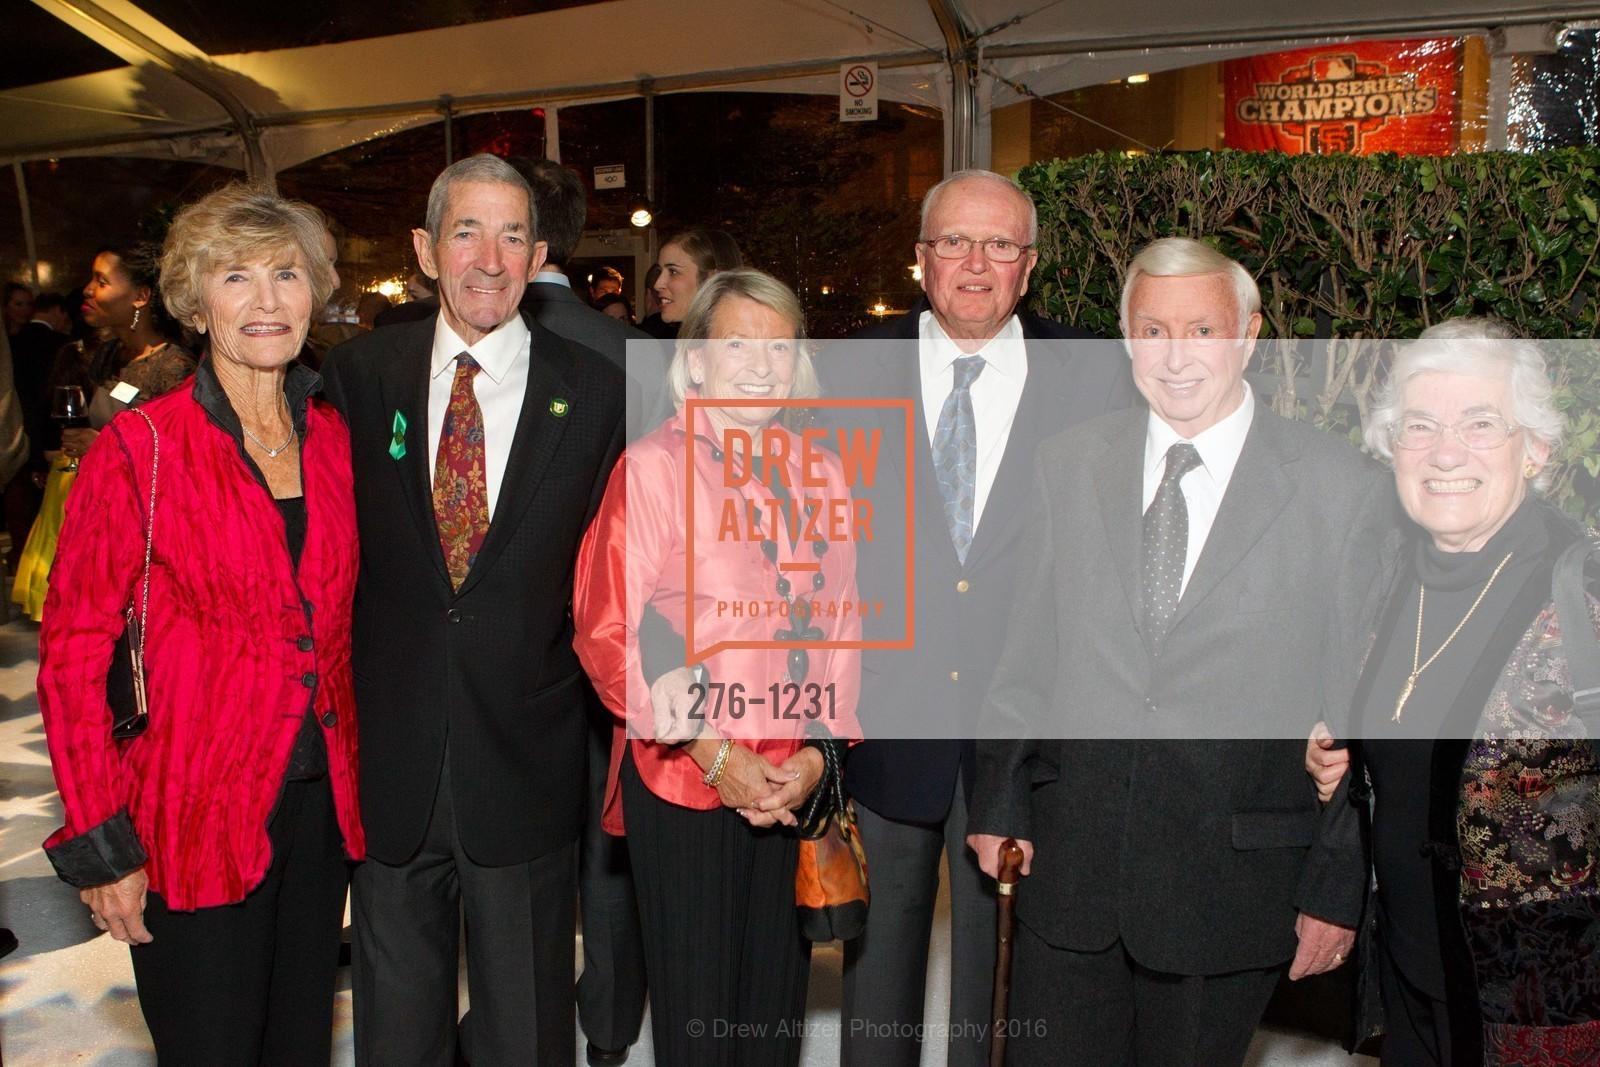 Toni Feehan, George Pasha, Jan Pasha, Don Feehan, John Foran, Costanza Foran, Photo #276-1231